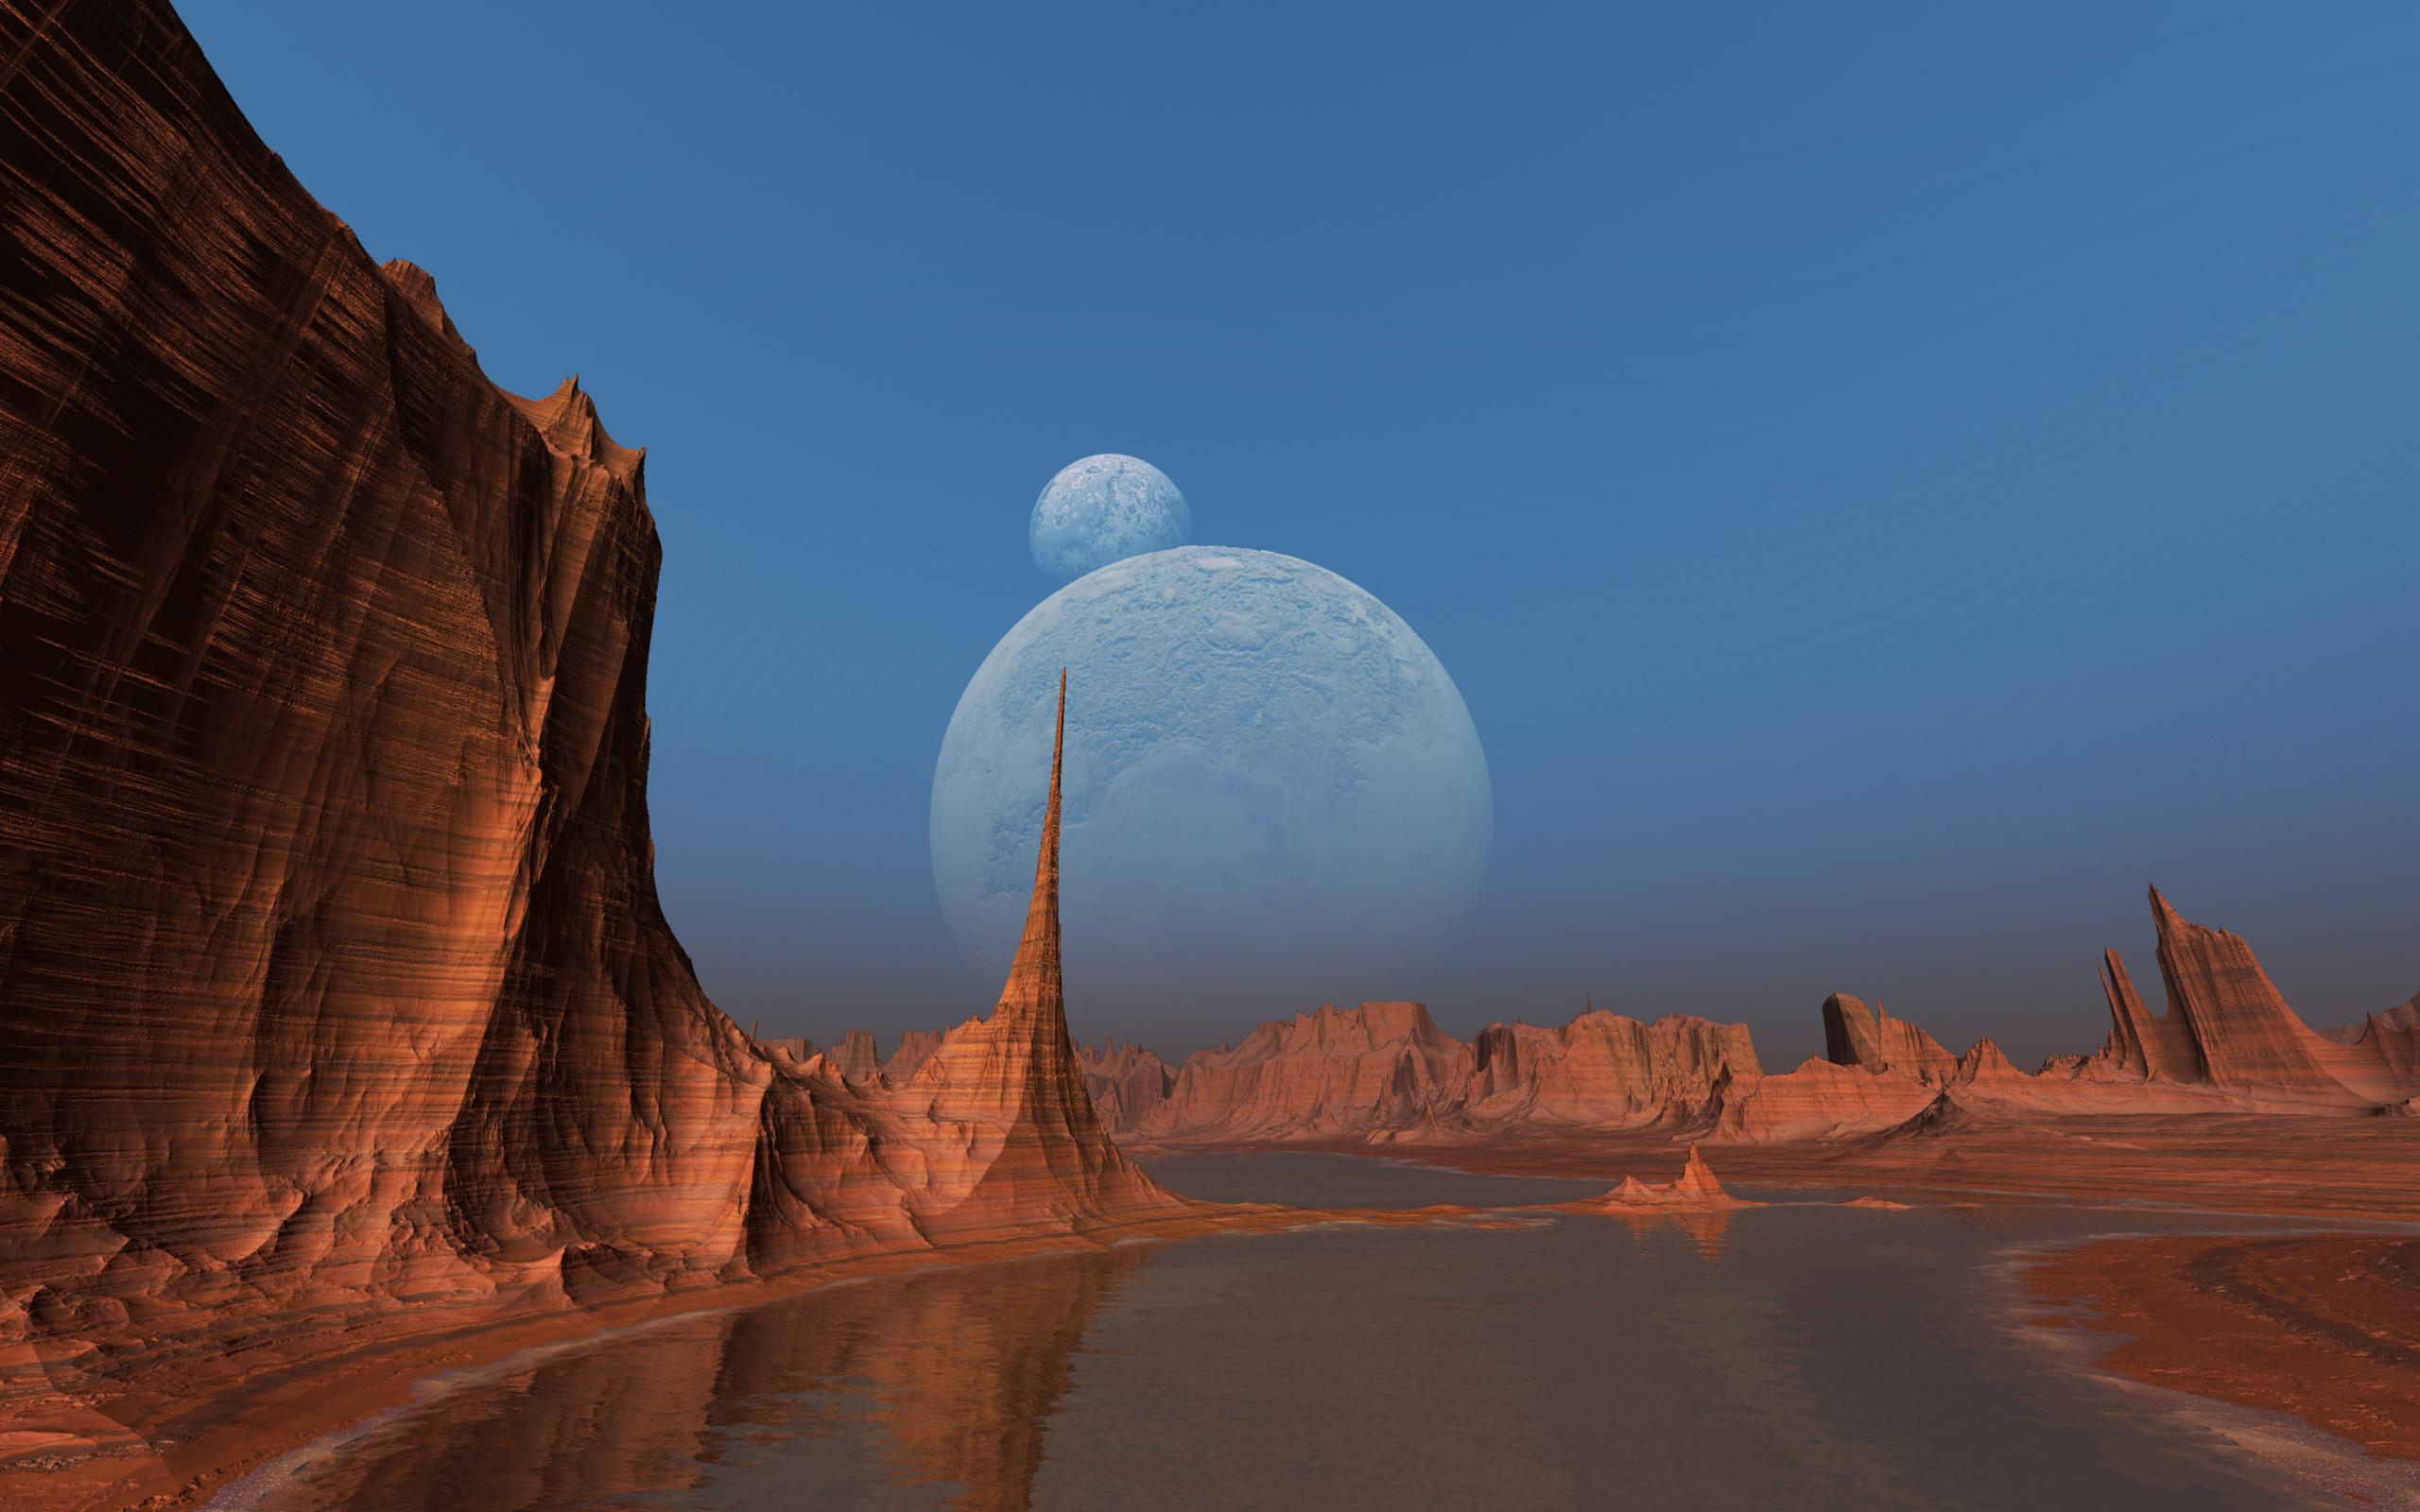 desert-dark-reflection-3d-art-a3.jpg